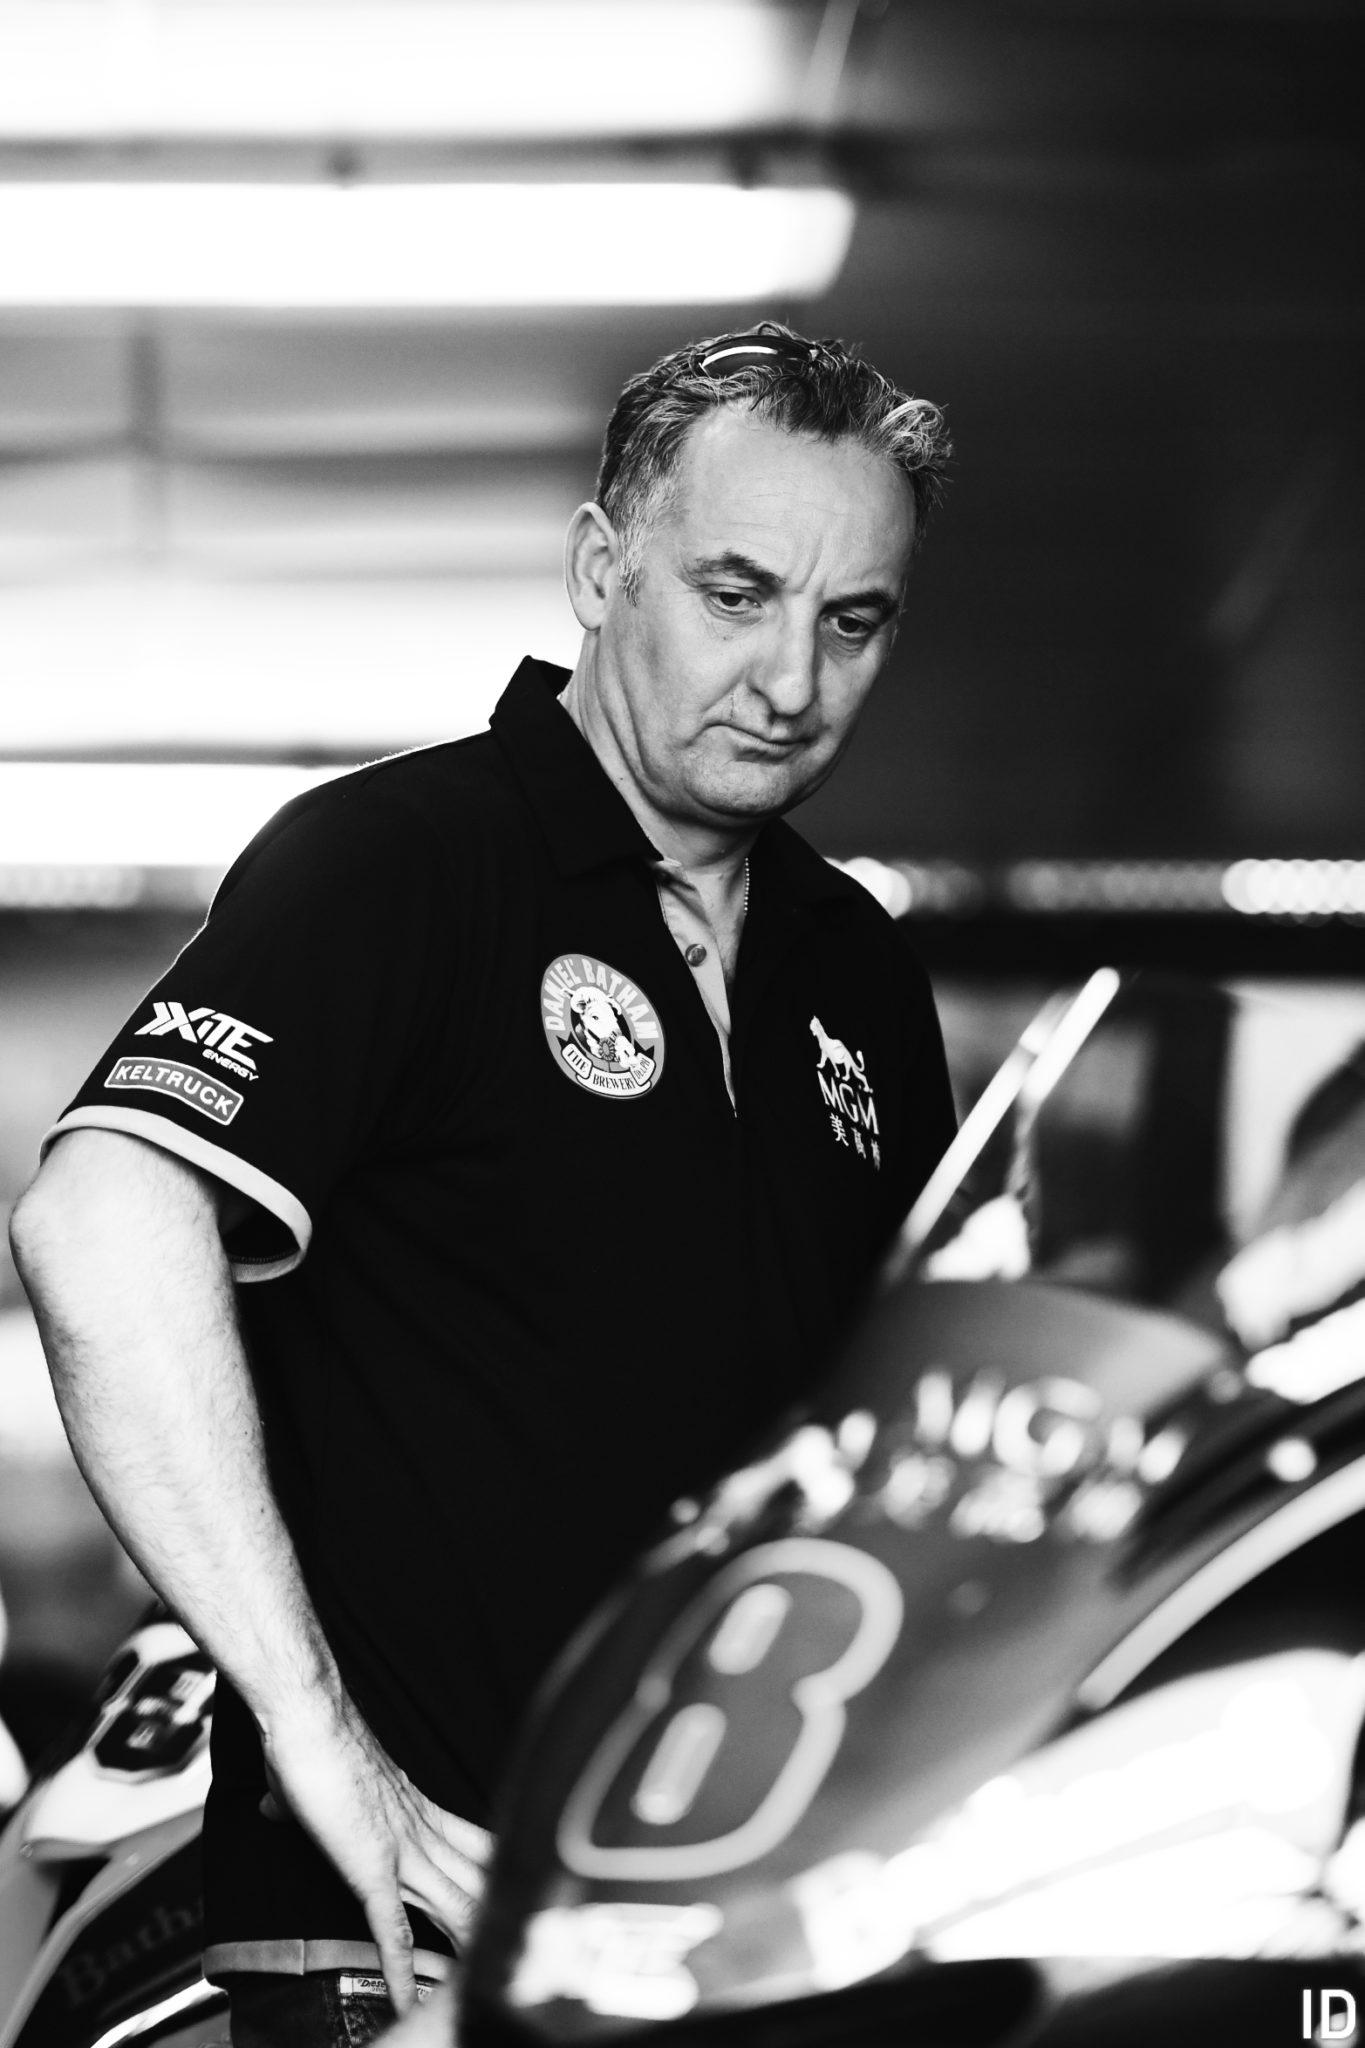 Motociclismo | Michael Rutter vai voltar ao GP com nova moto